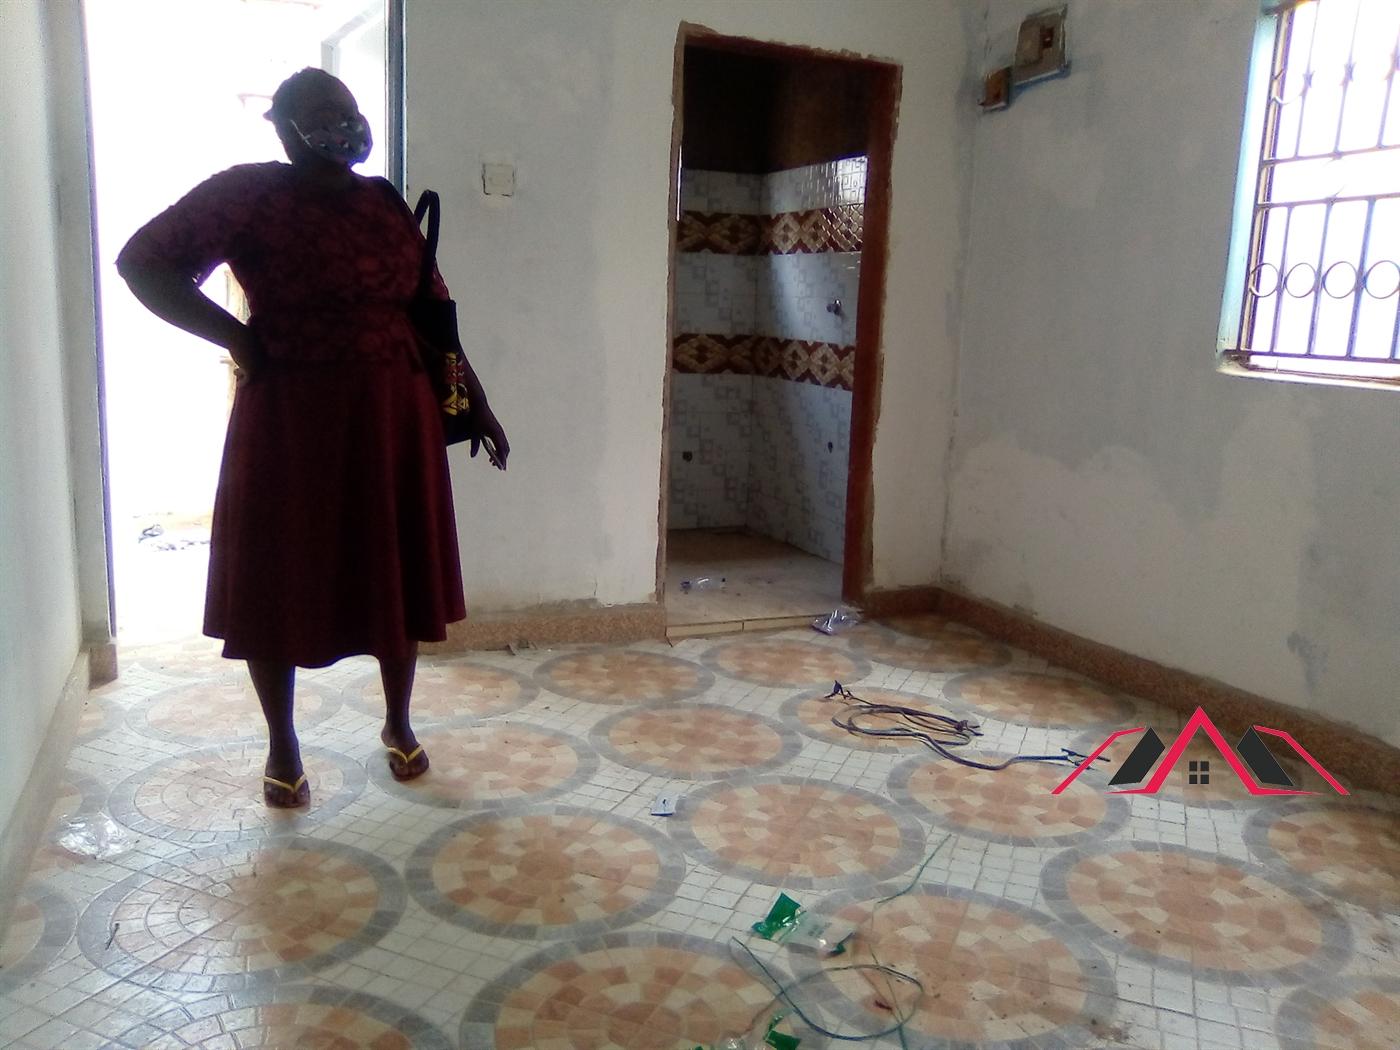 Shop for rent in Kyaliwajjala Kampala